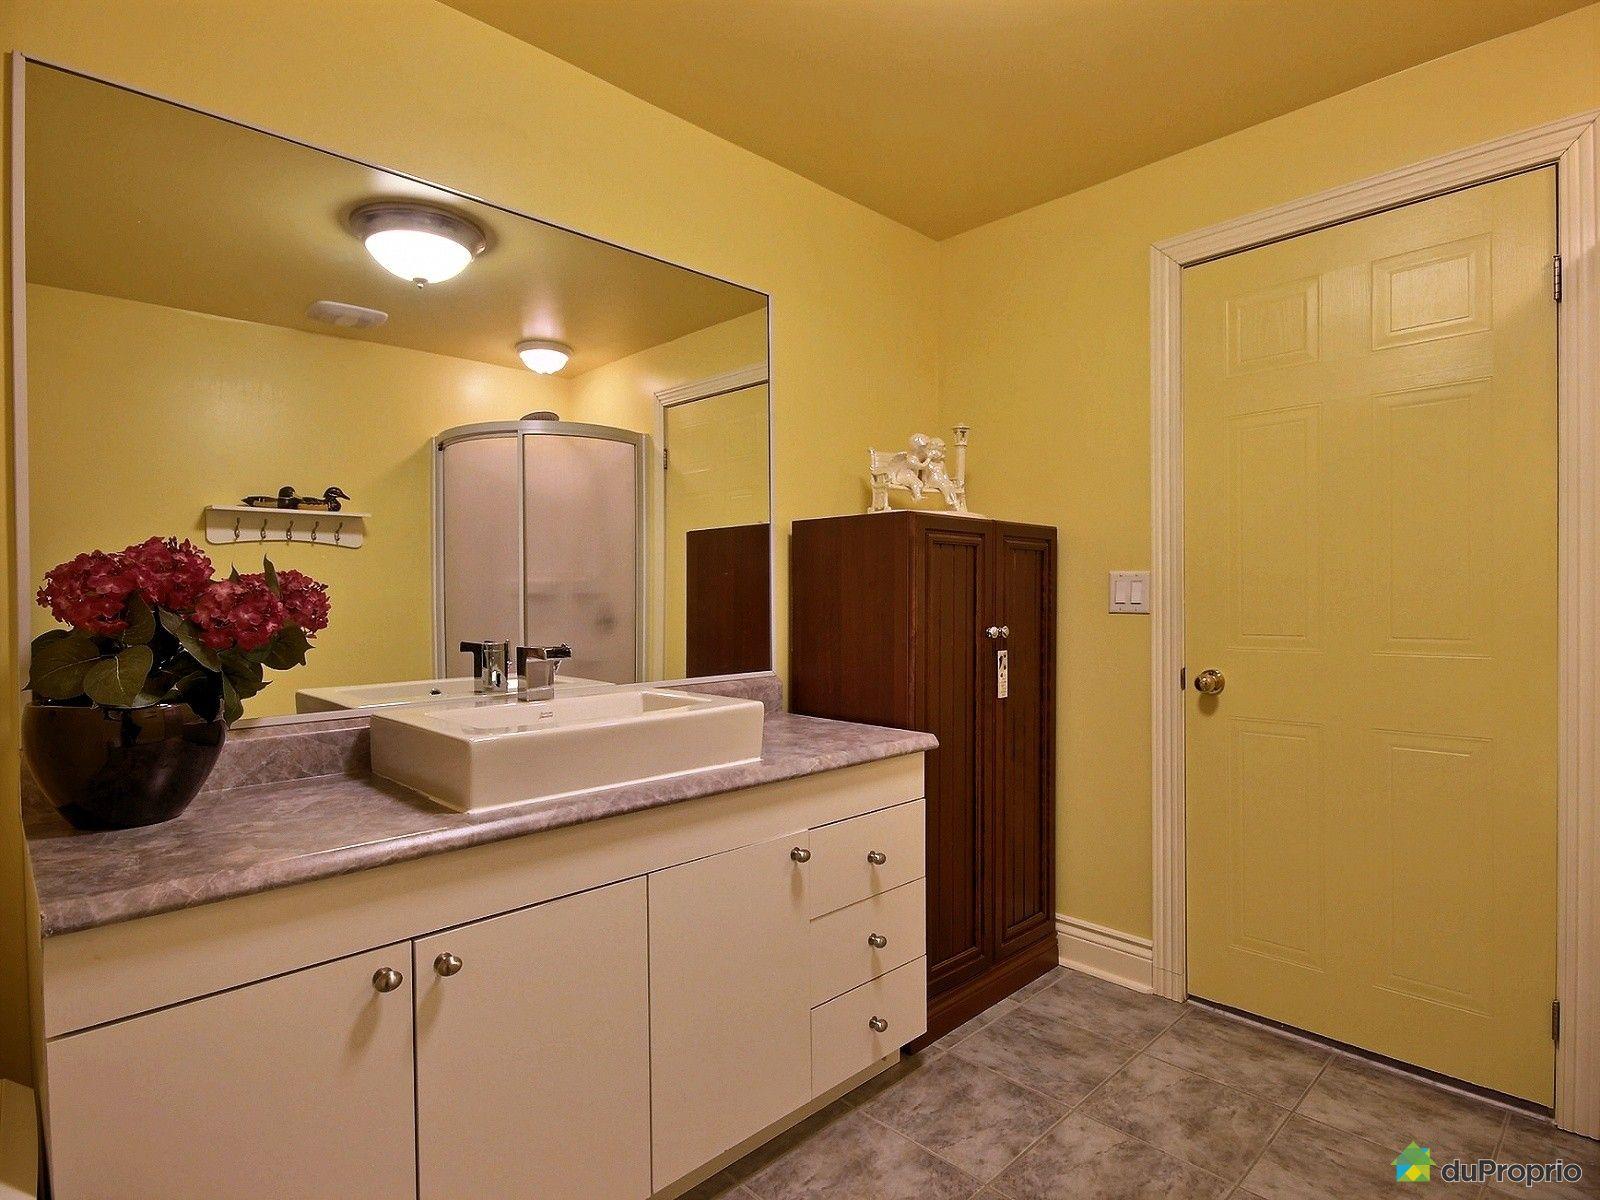 Maison vendre st bruno de montarville 1560 rue du for Prix salle de bain sous sol